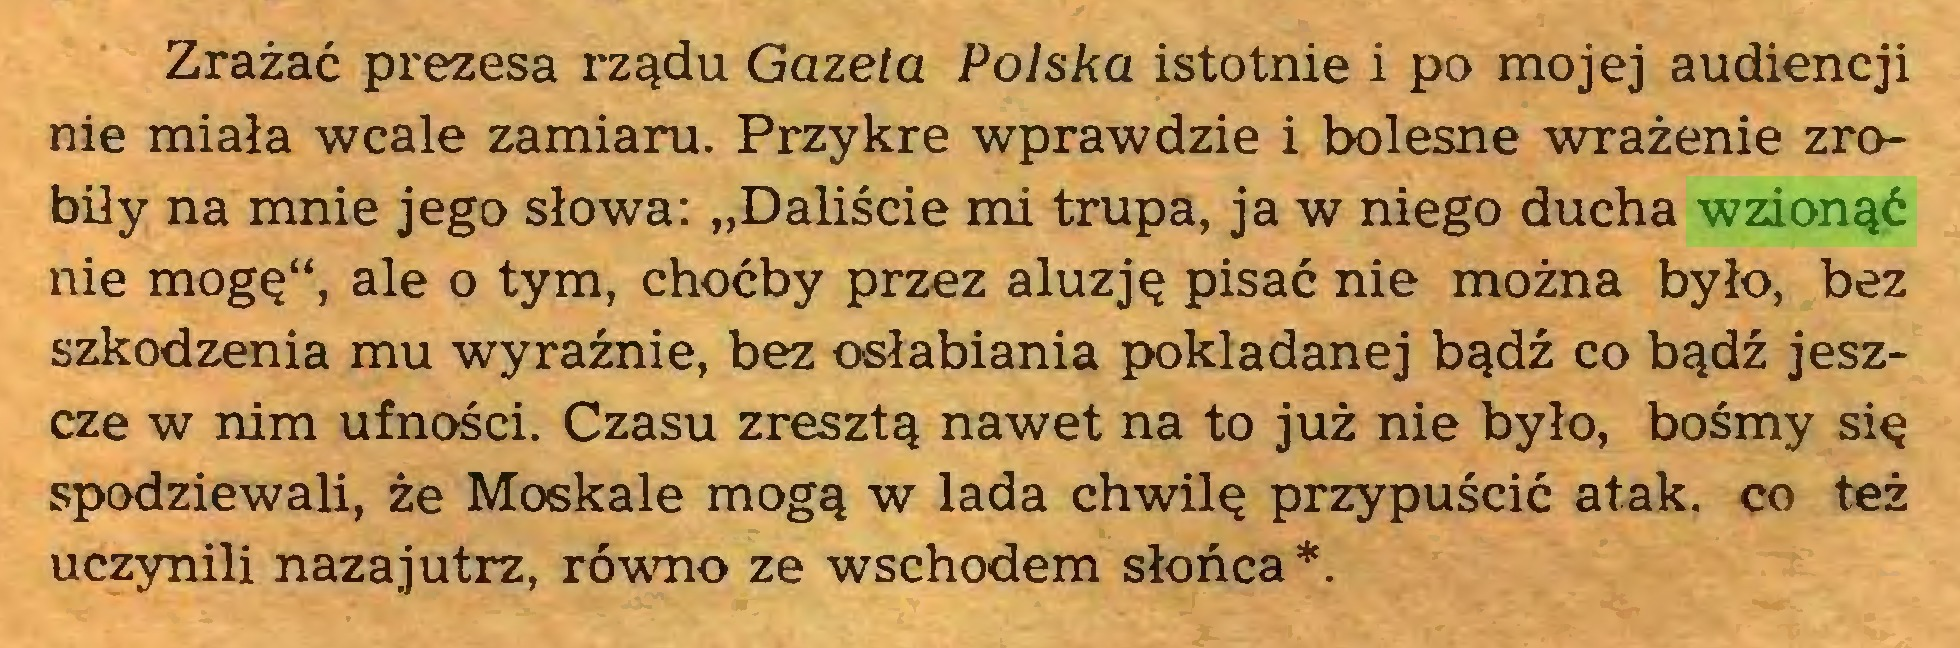 """(...) Zrażać prezesa rządu Gazeta Polska istotnie i po mojej audiencji nie miała wcale zamiaru. Przykre wprawdzie i bolesne wrażenie zrobiły na mnie jego słowa: """"Daliście mi trupa, ja w niego ducha wzionąć nie mogę"""", ale o tym, choćby przez aluzję pisać nie można było, bez szkodzenia mu wyraźnie, bez osłabiania pokładanej bądź co bądź jeszcze w nim ufności. Czasu zresztą nawet na to już nie było, bośmy się spodziewali, że Moskale mogą w lada chwilę przypuścić atak. co też uczynili nazajutrz, równo ze wschodem słońca*..."""